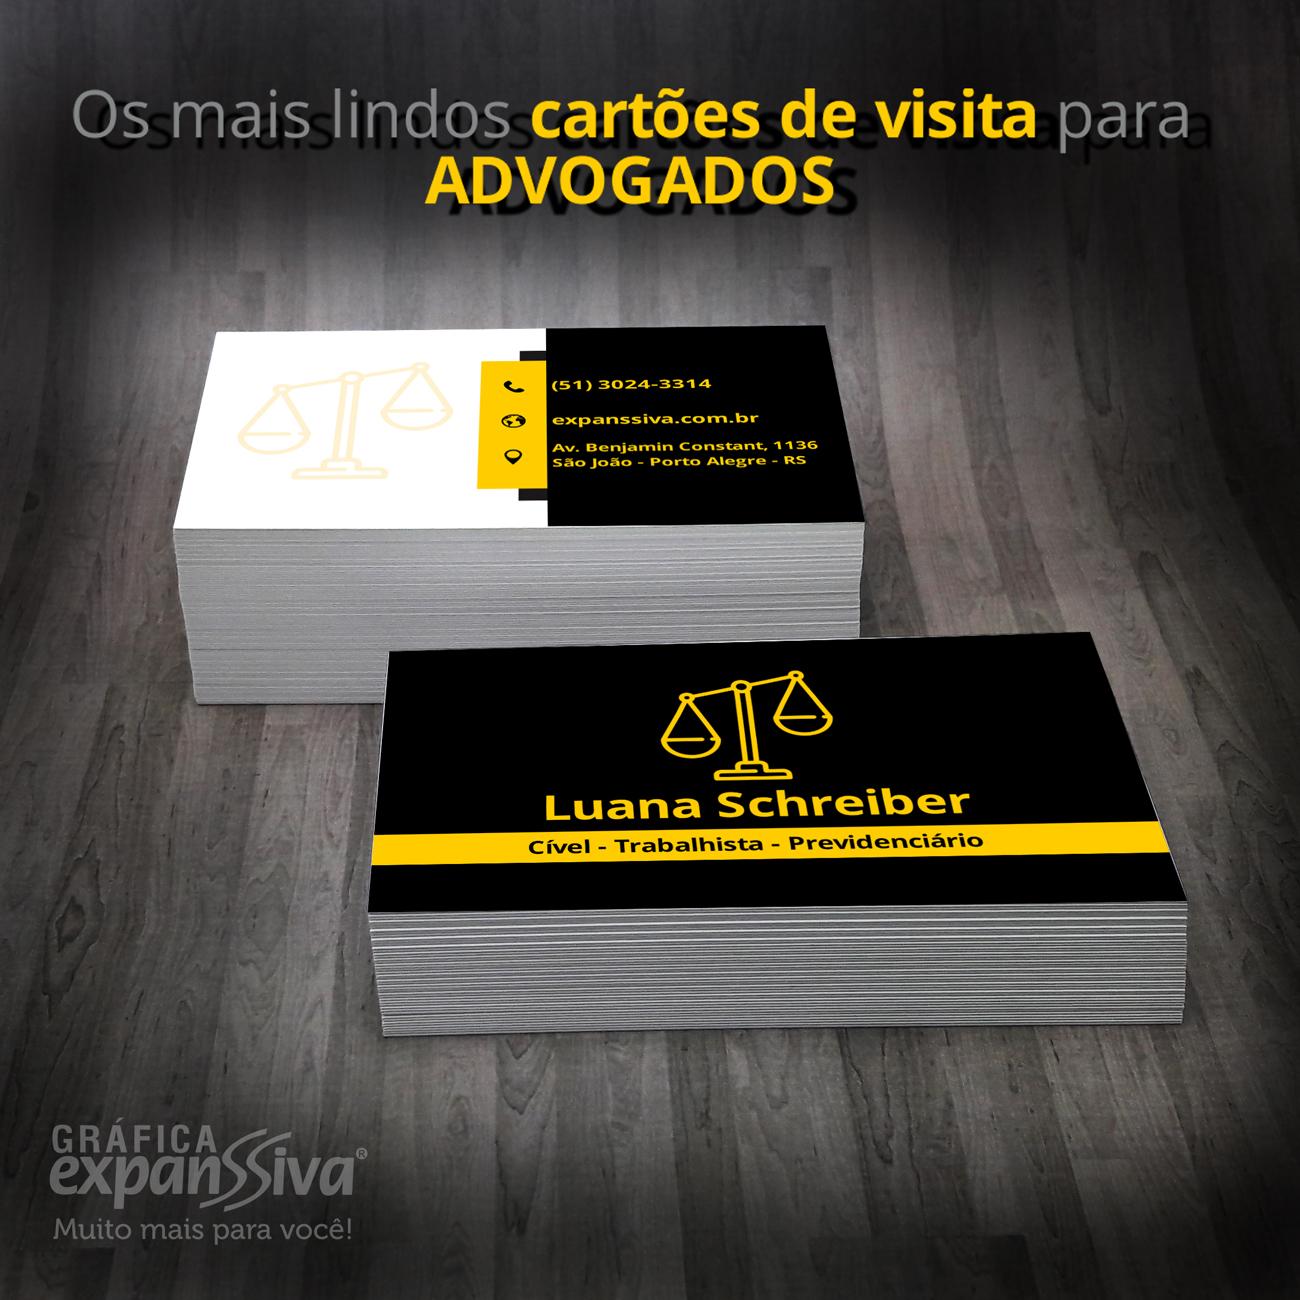 Cartao de Visita Criativo moderno de advogados direito - Incríveis Cartões de Visita para Advogados